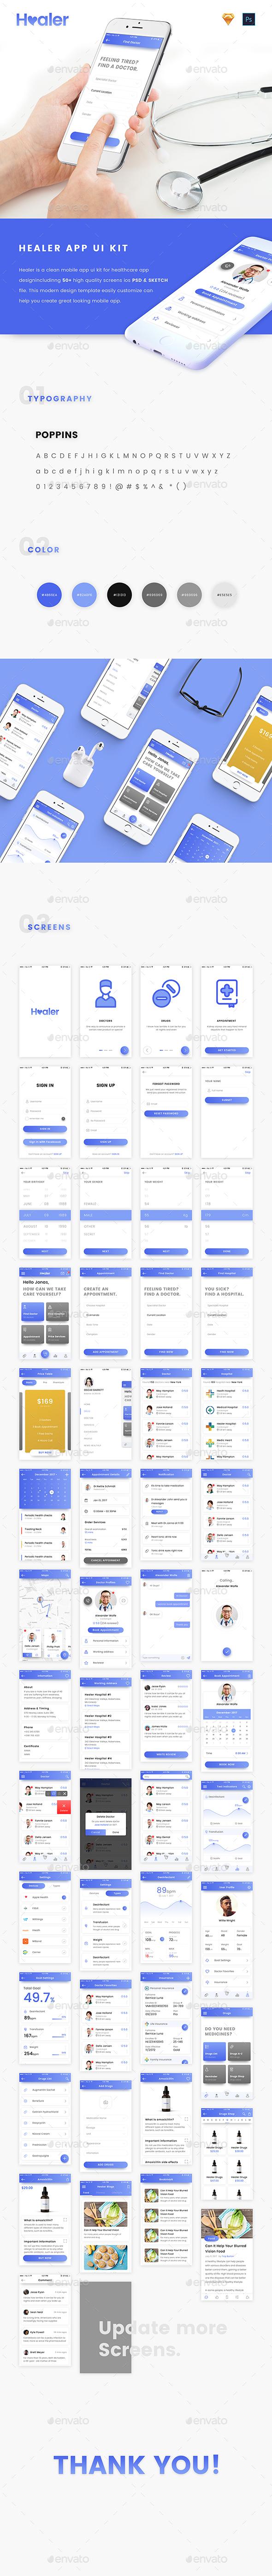 Healer UI Kit (User Interfaces)